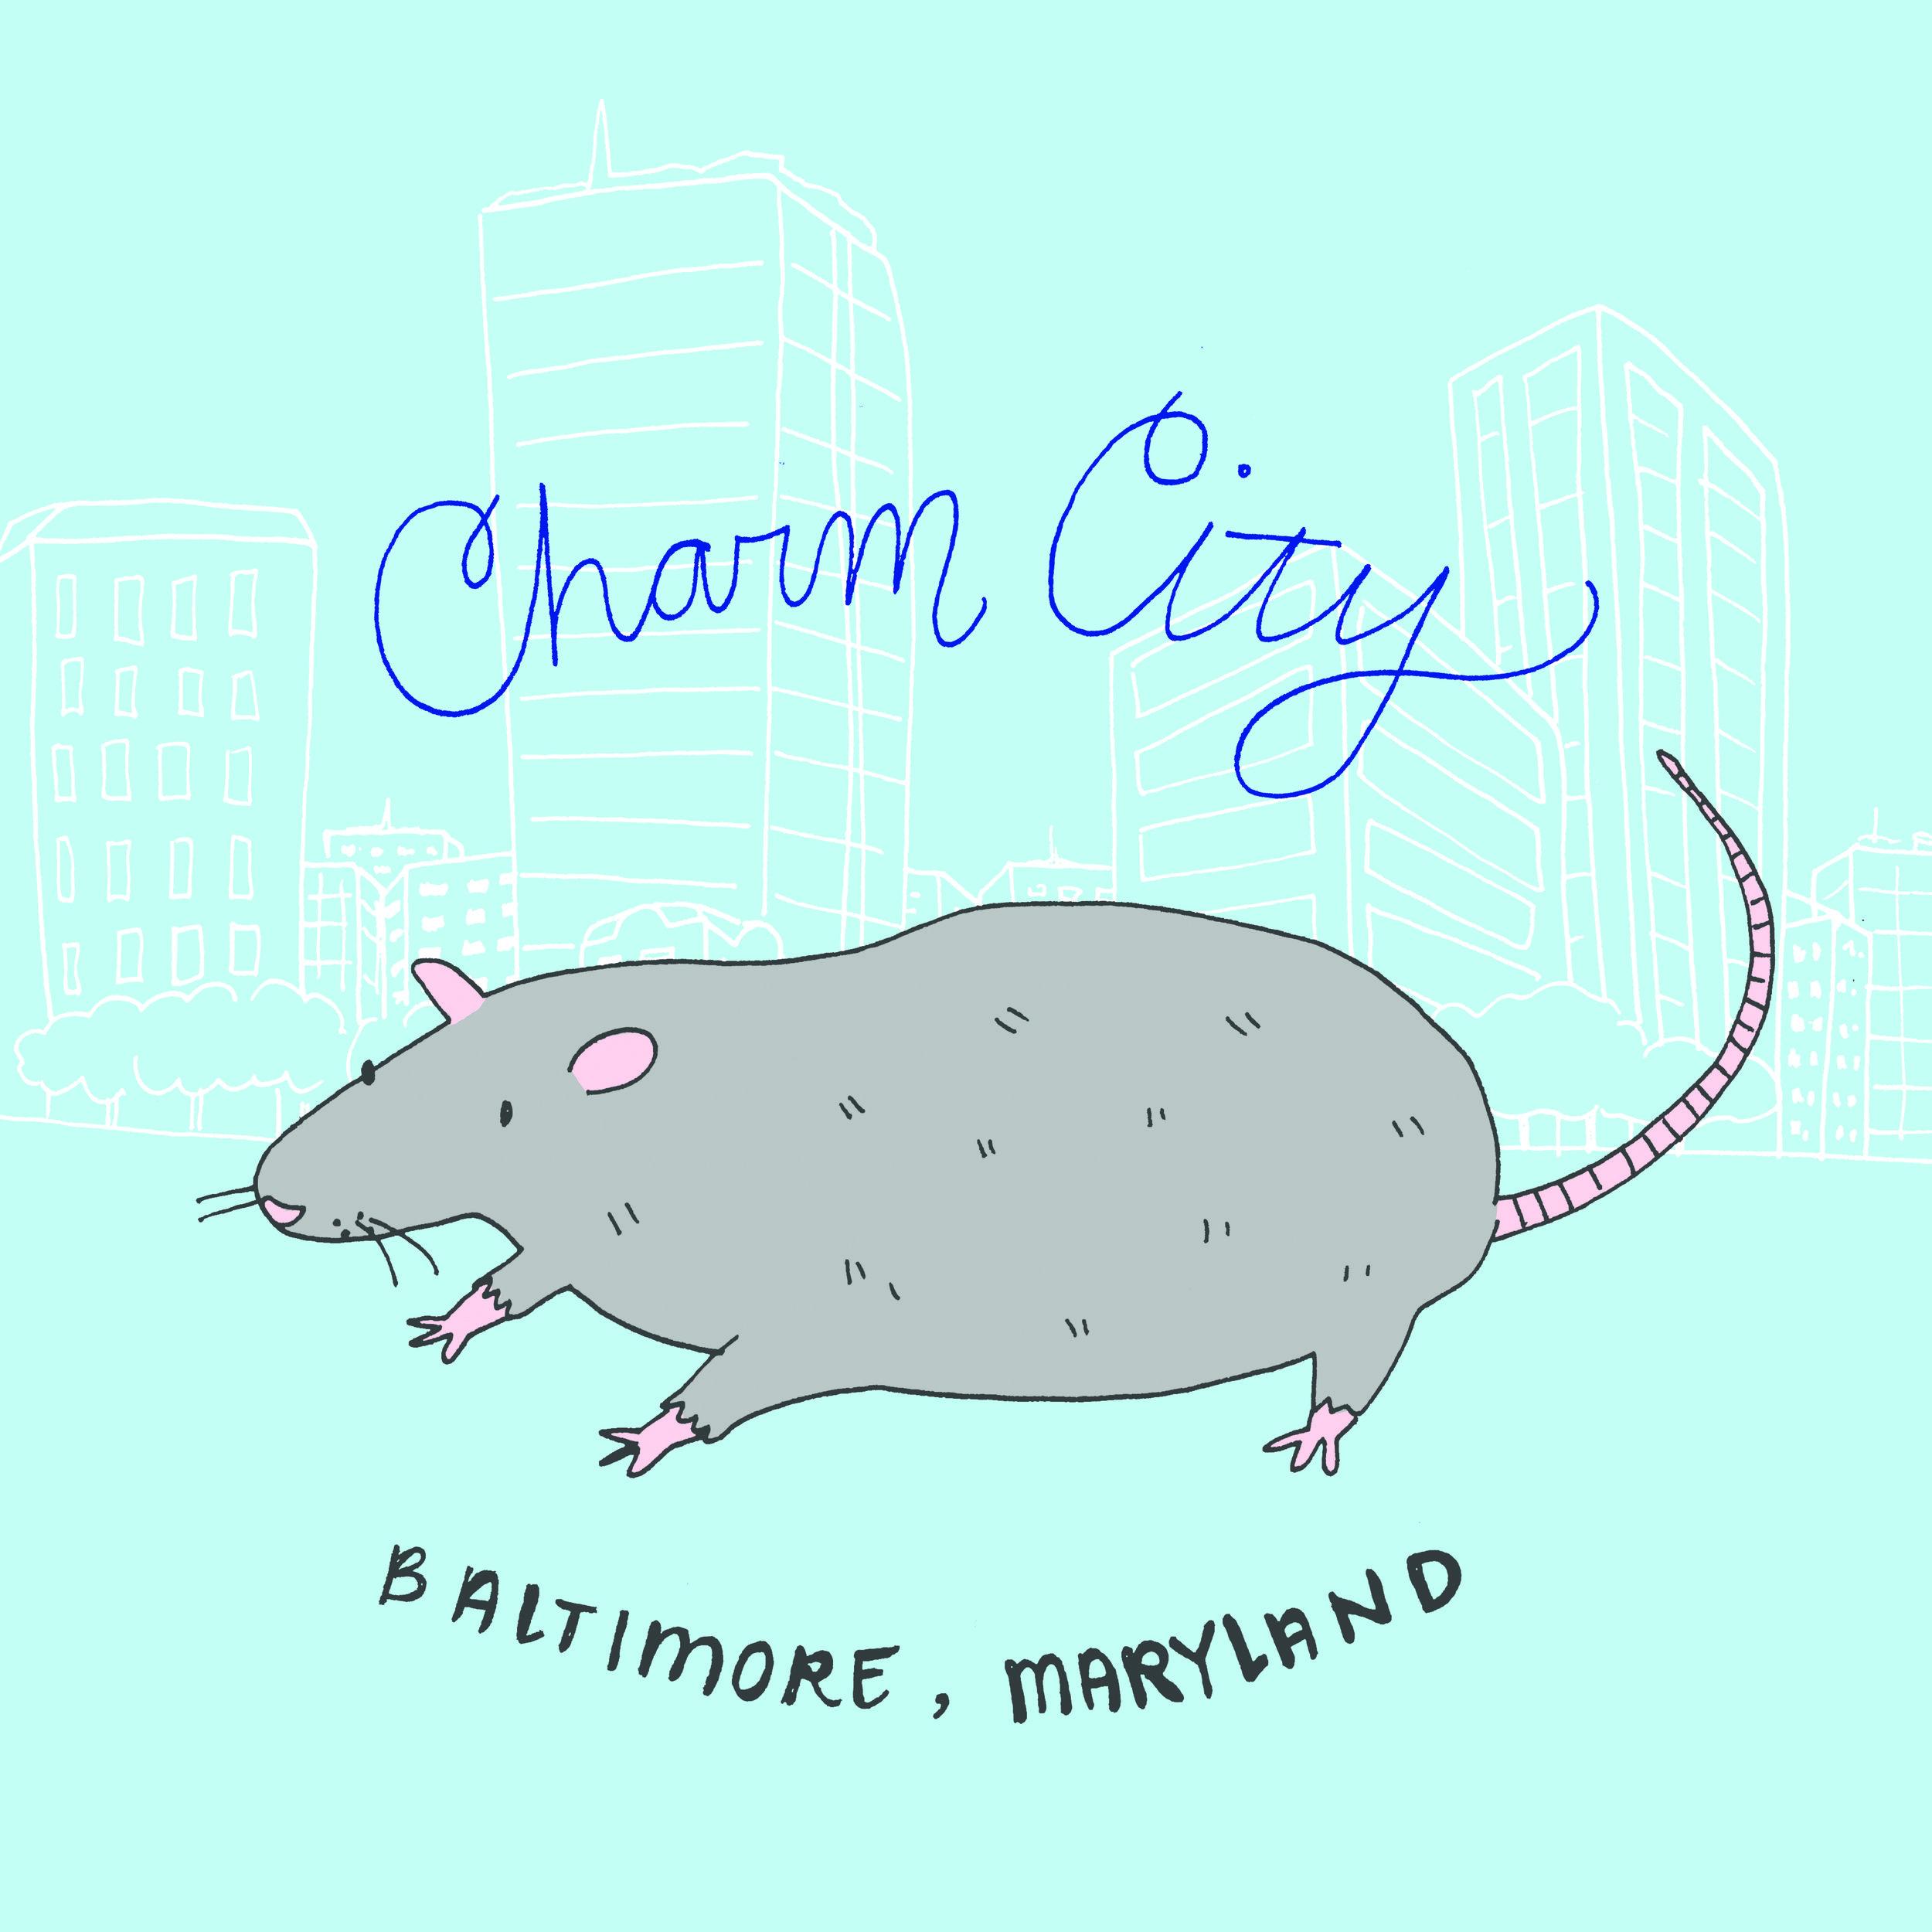 Baltimore Rat for  Caravanserai